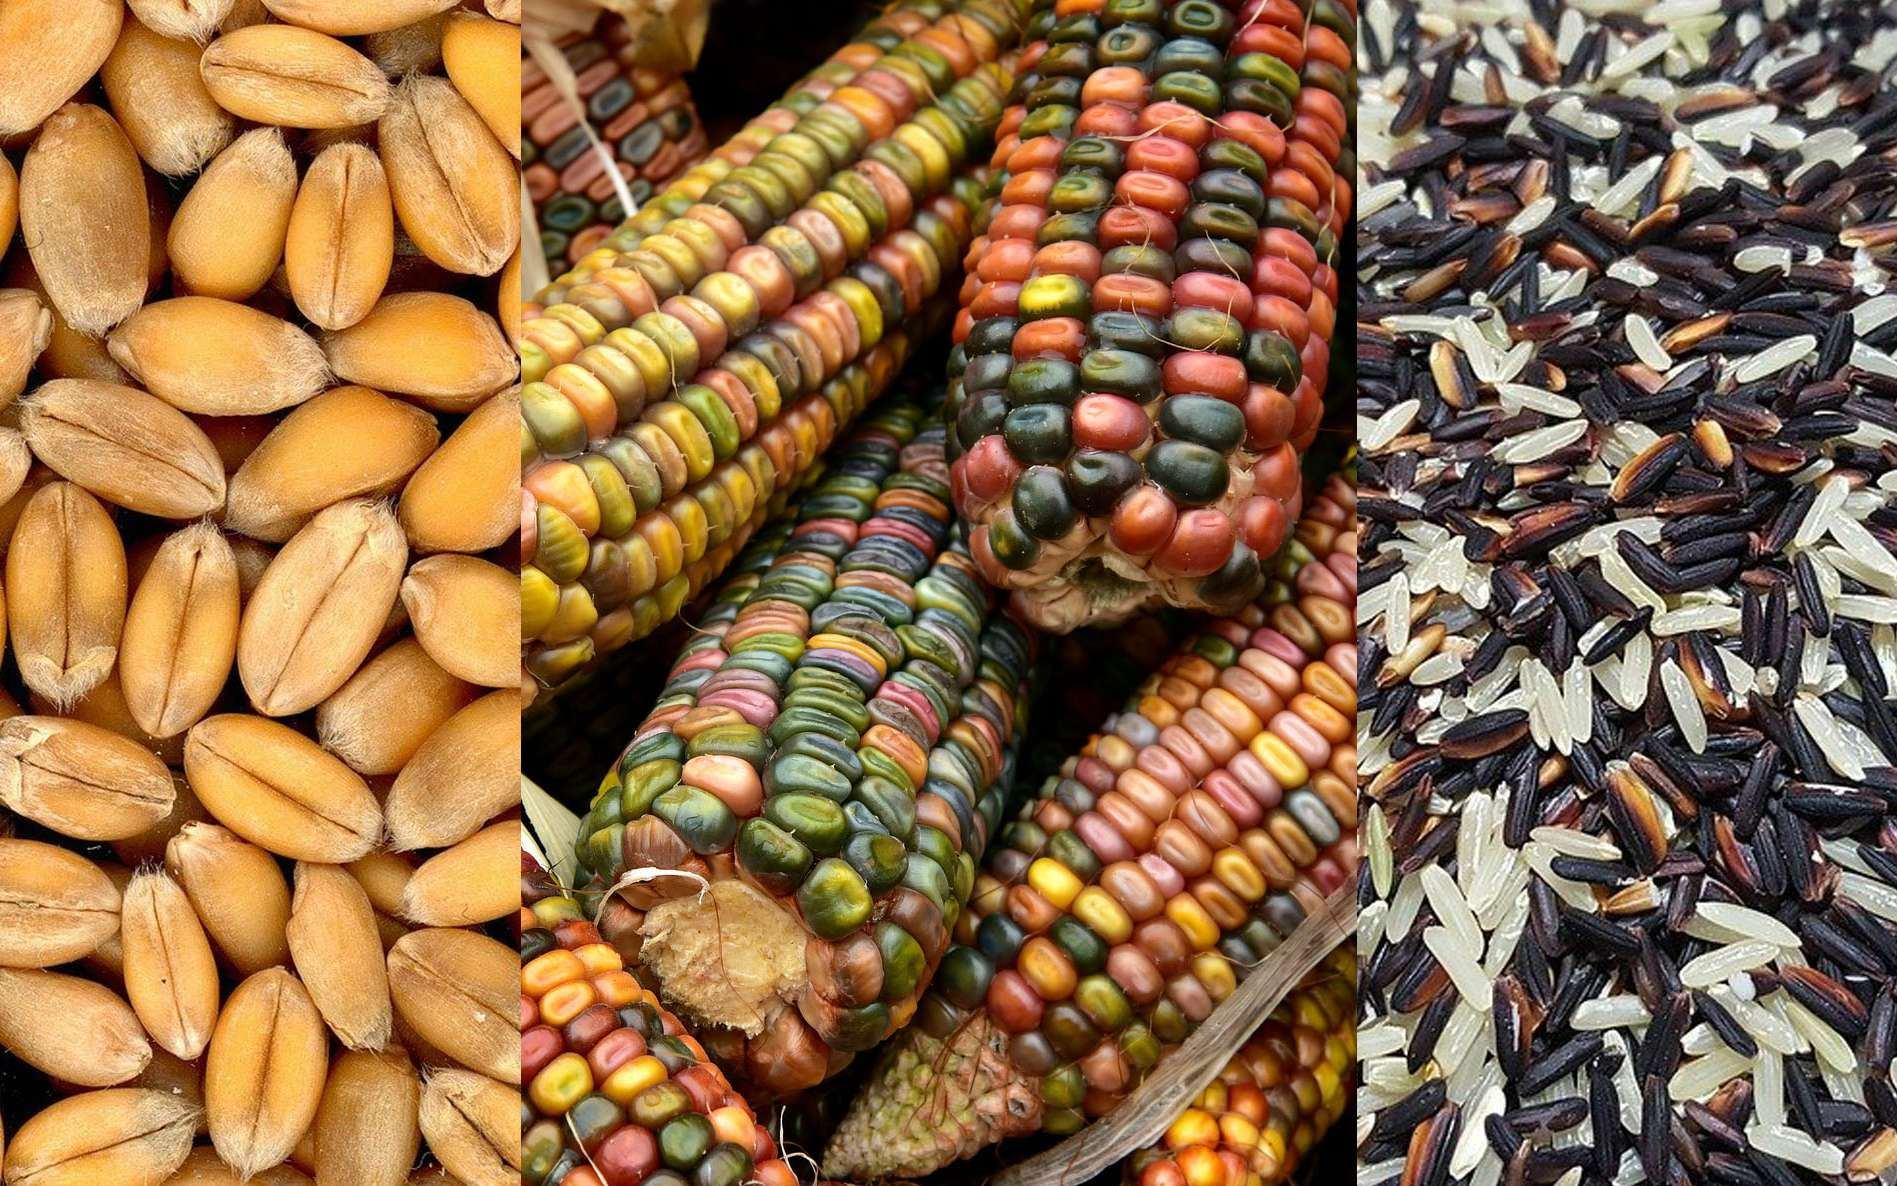 Les céréales les plus importantes, le blé, le maïs, le riz. © Klaber, Ulleo, Pasrassa, Pixabay, DP